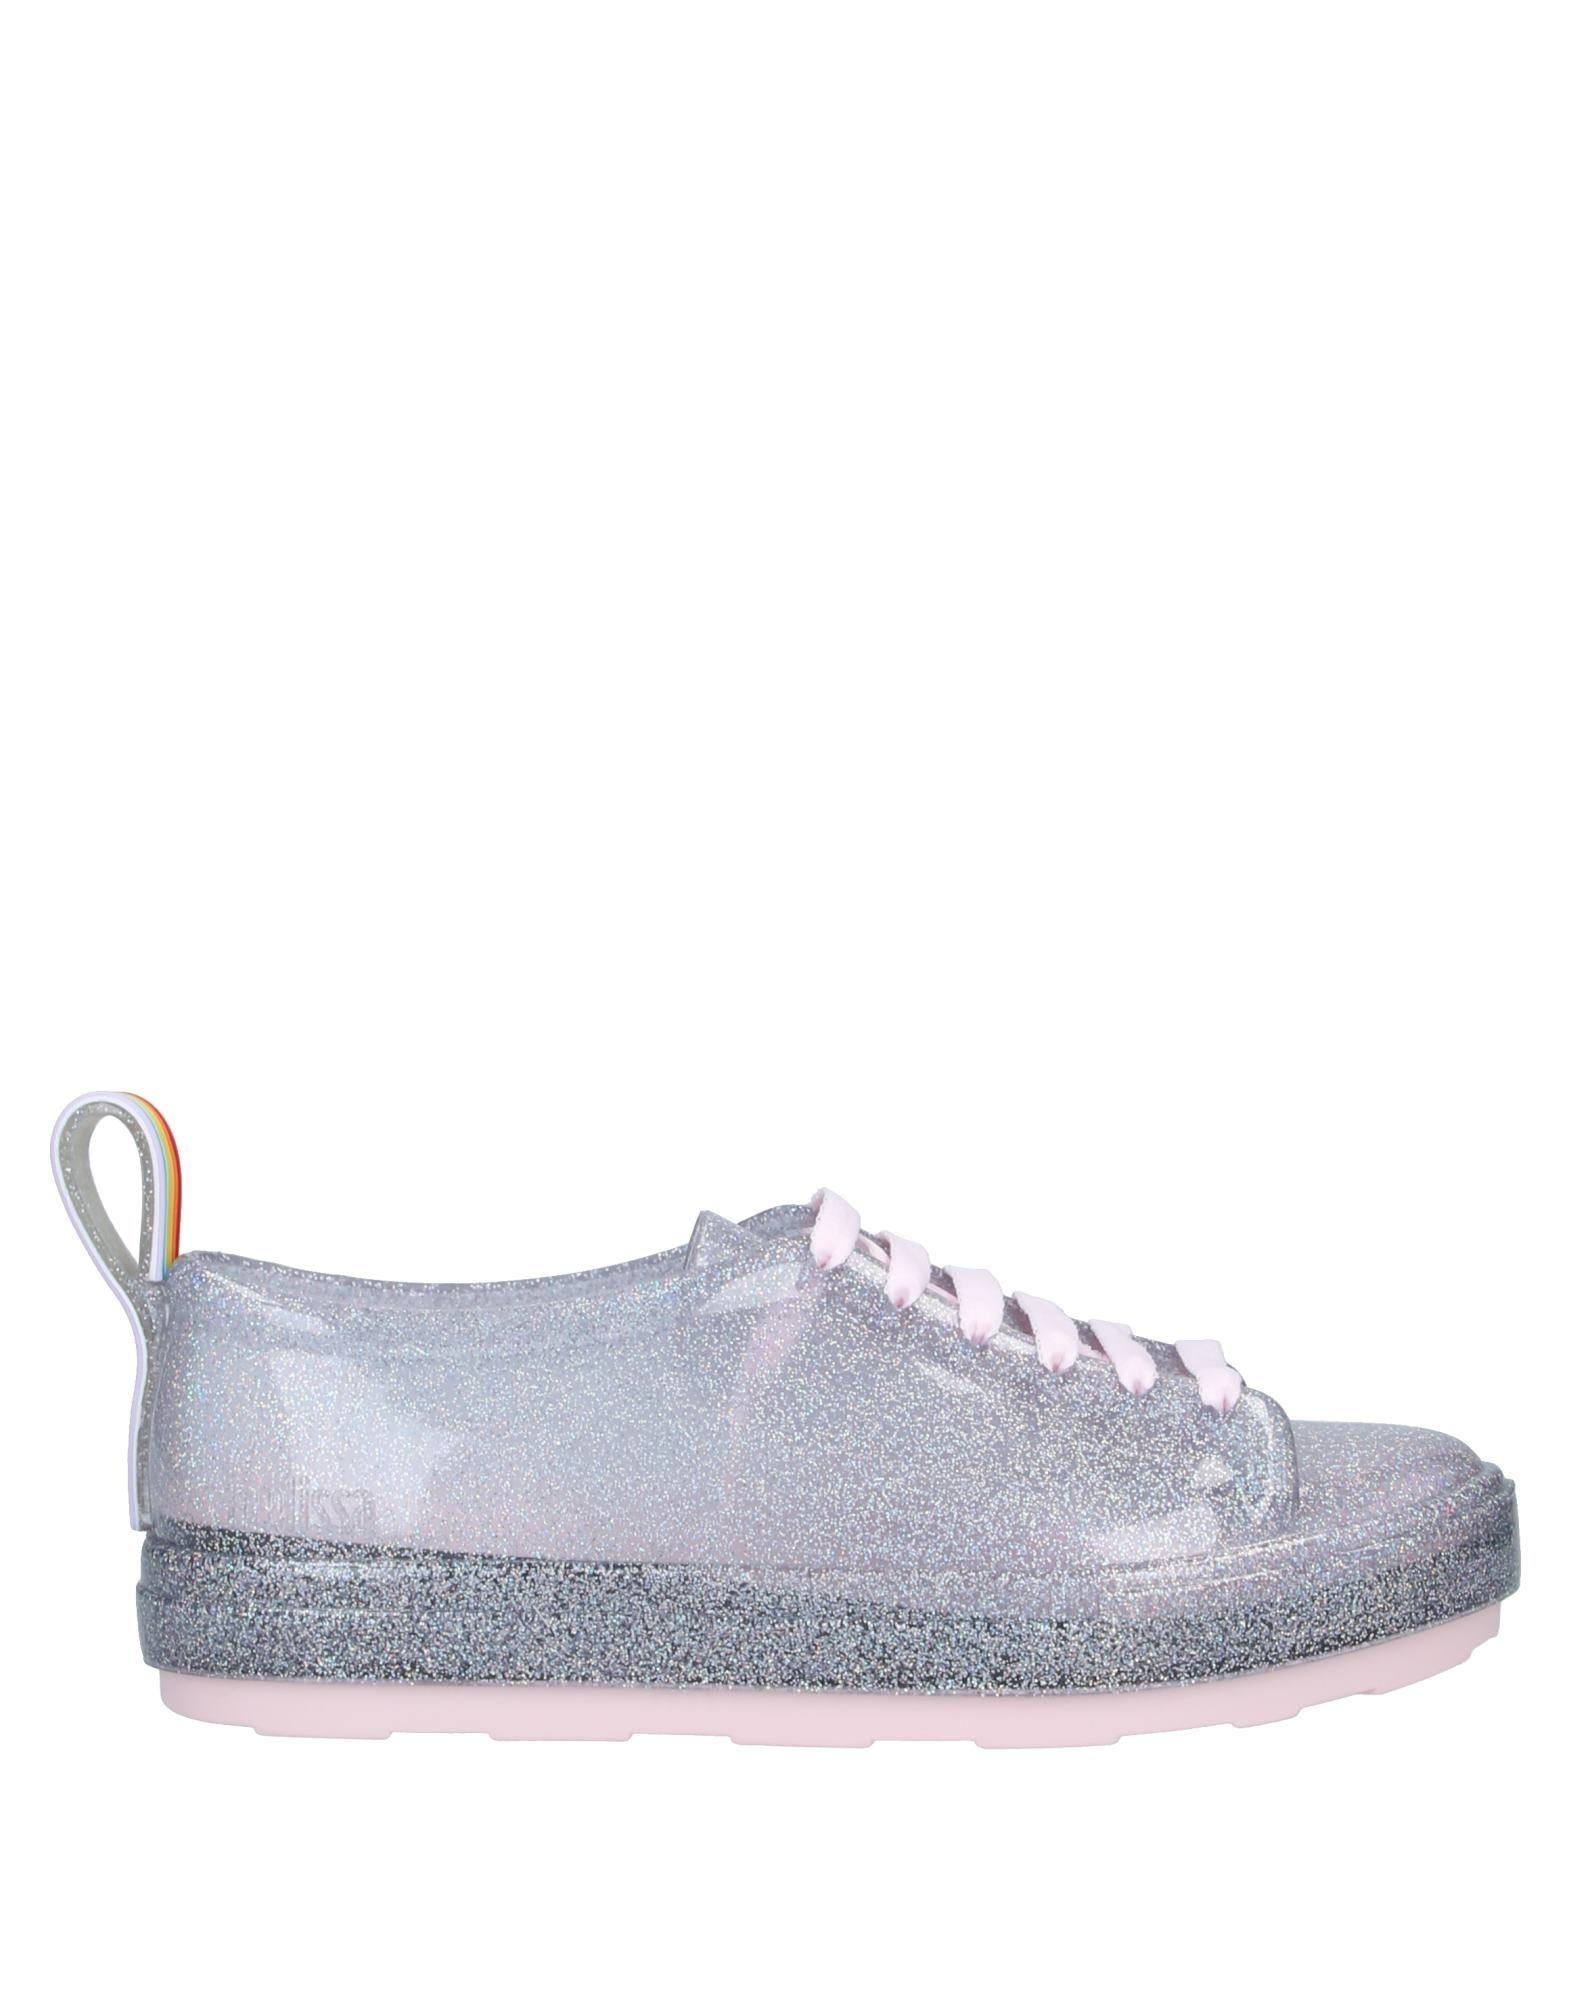 спортивная женская обувь интернет магазин